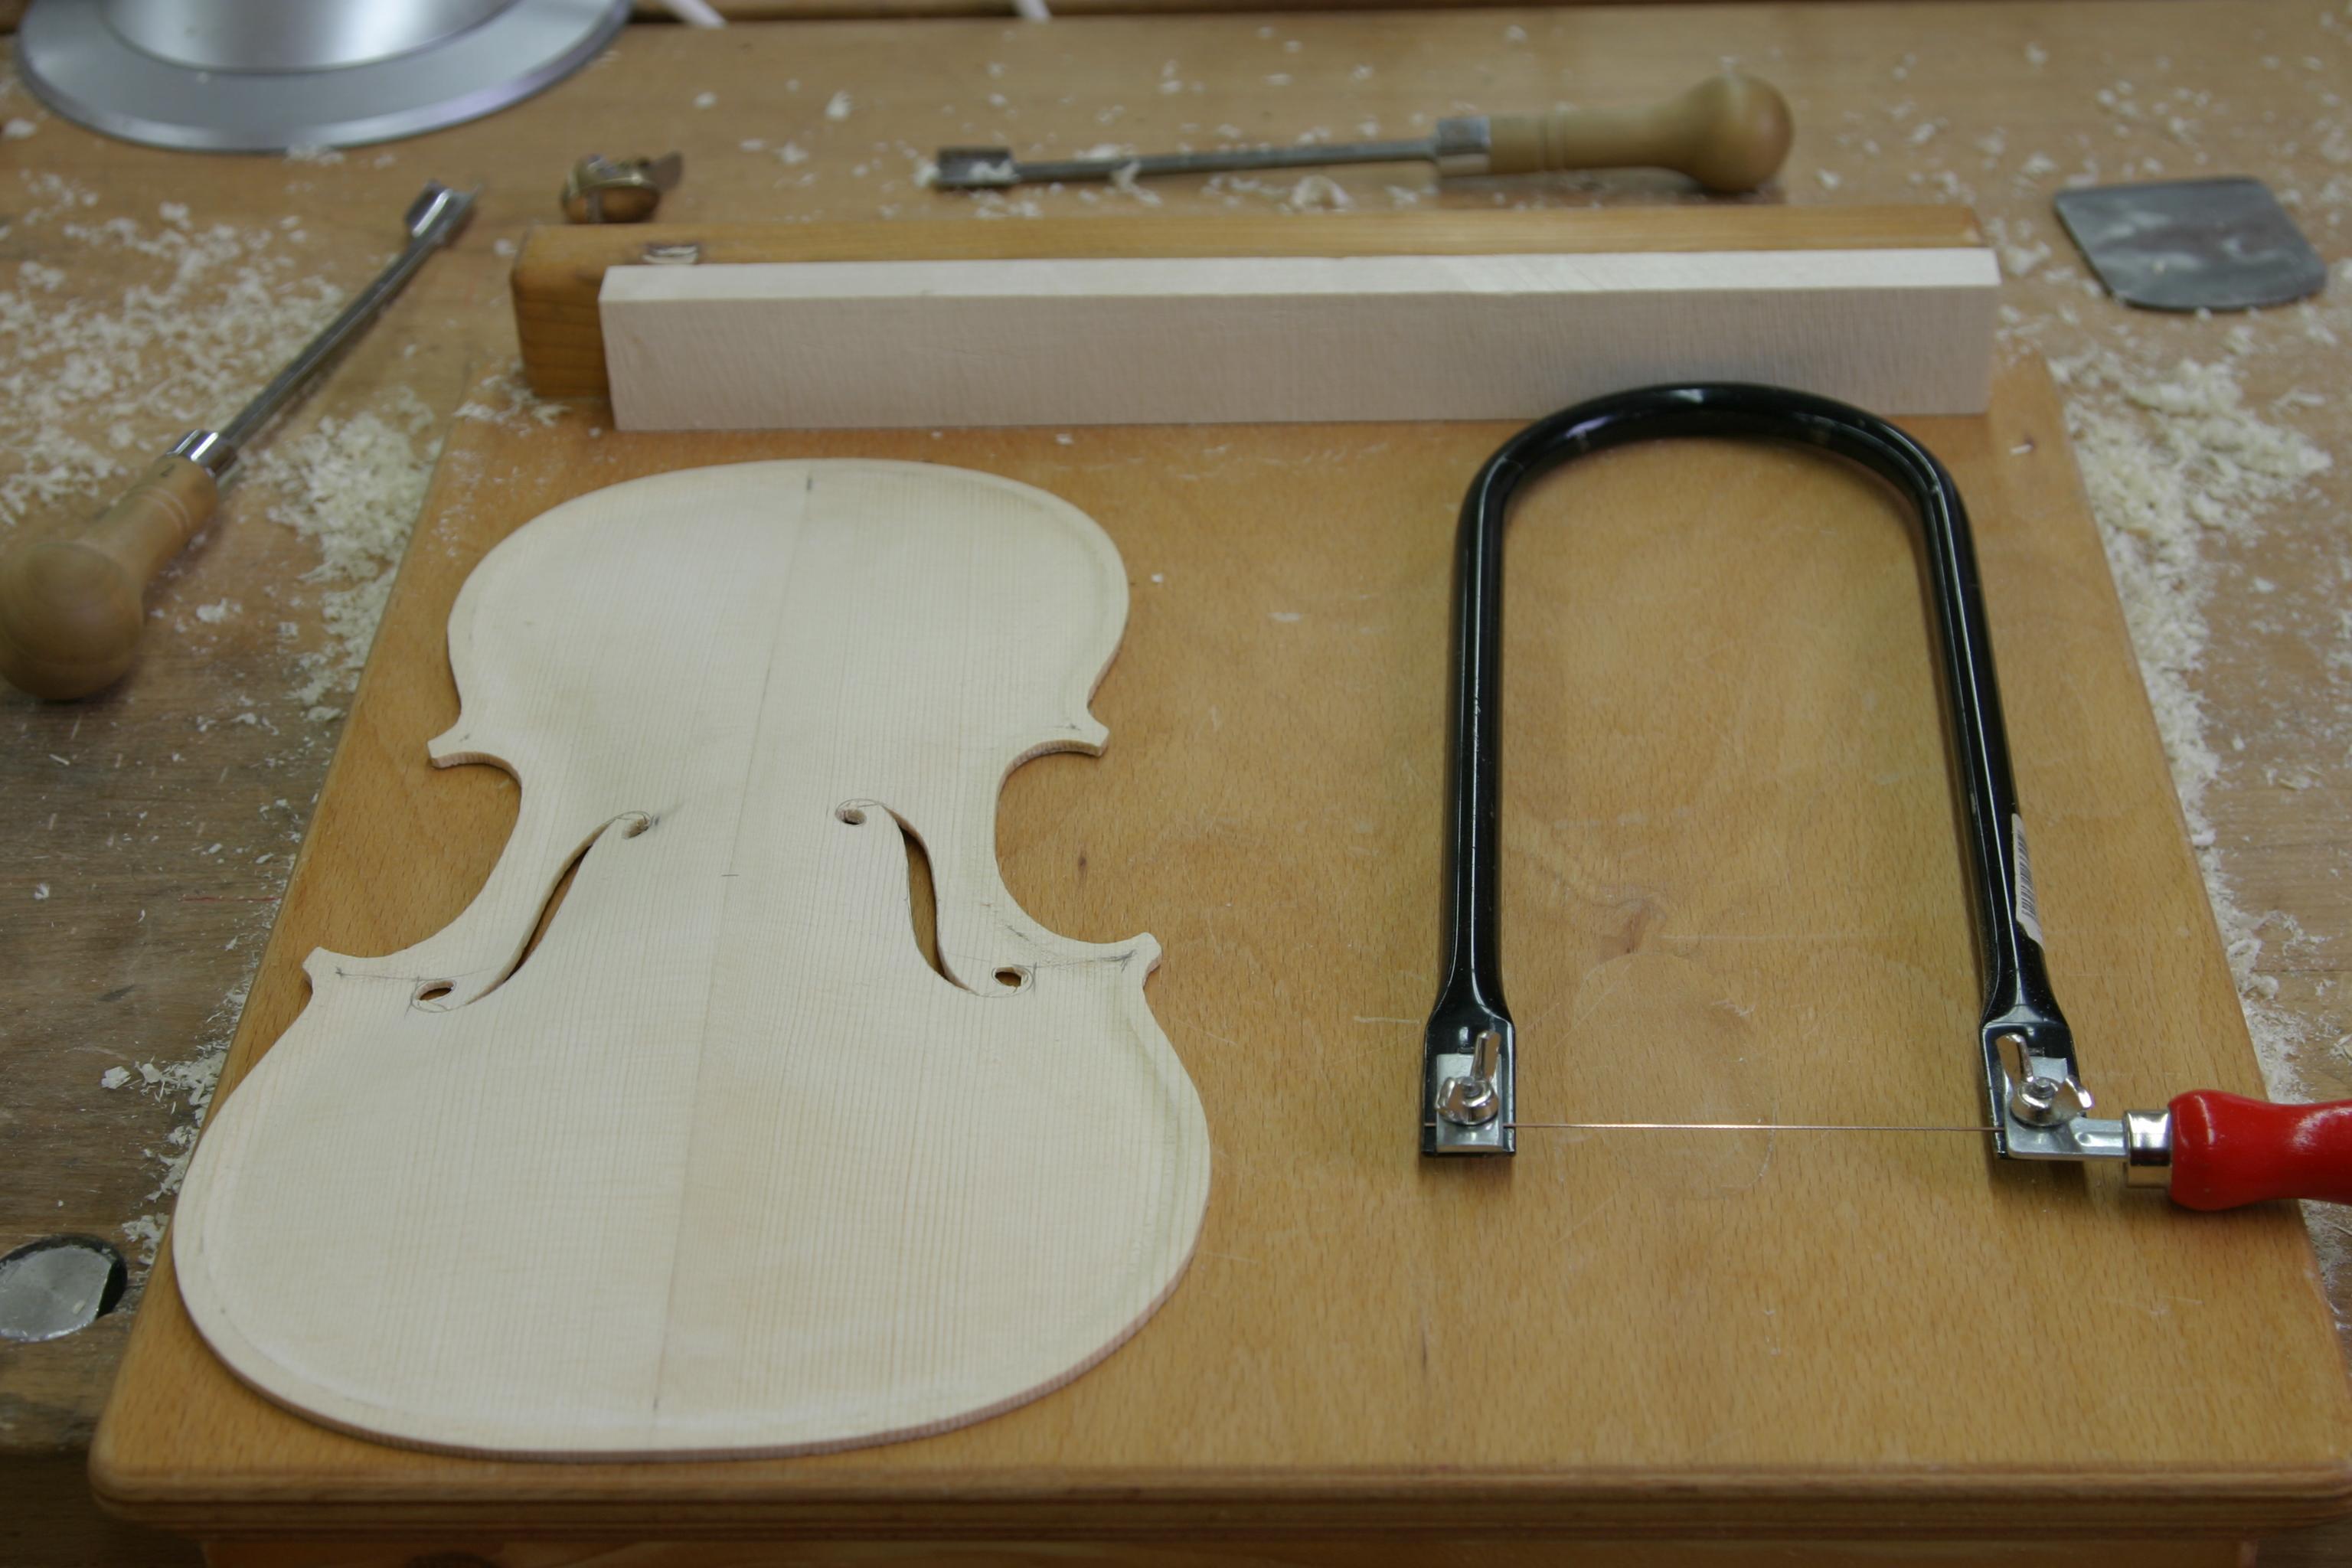 Geigenbau-Grundkurs_Dictum-Workshop-554786b5d60811 Incroyable De Tables Basses Design Des Idées